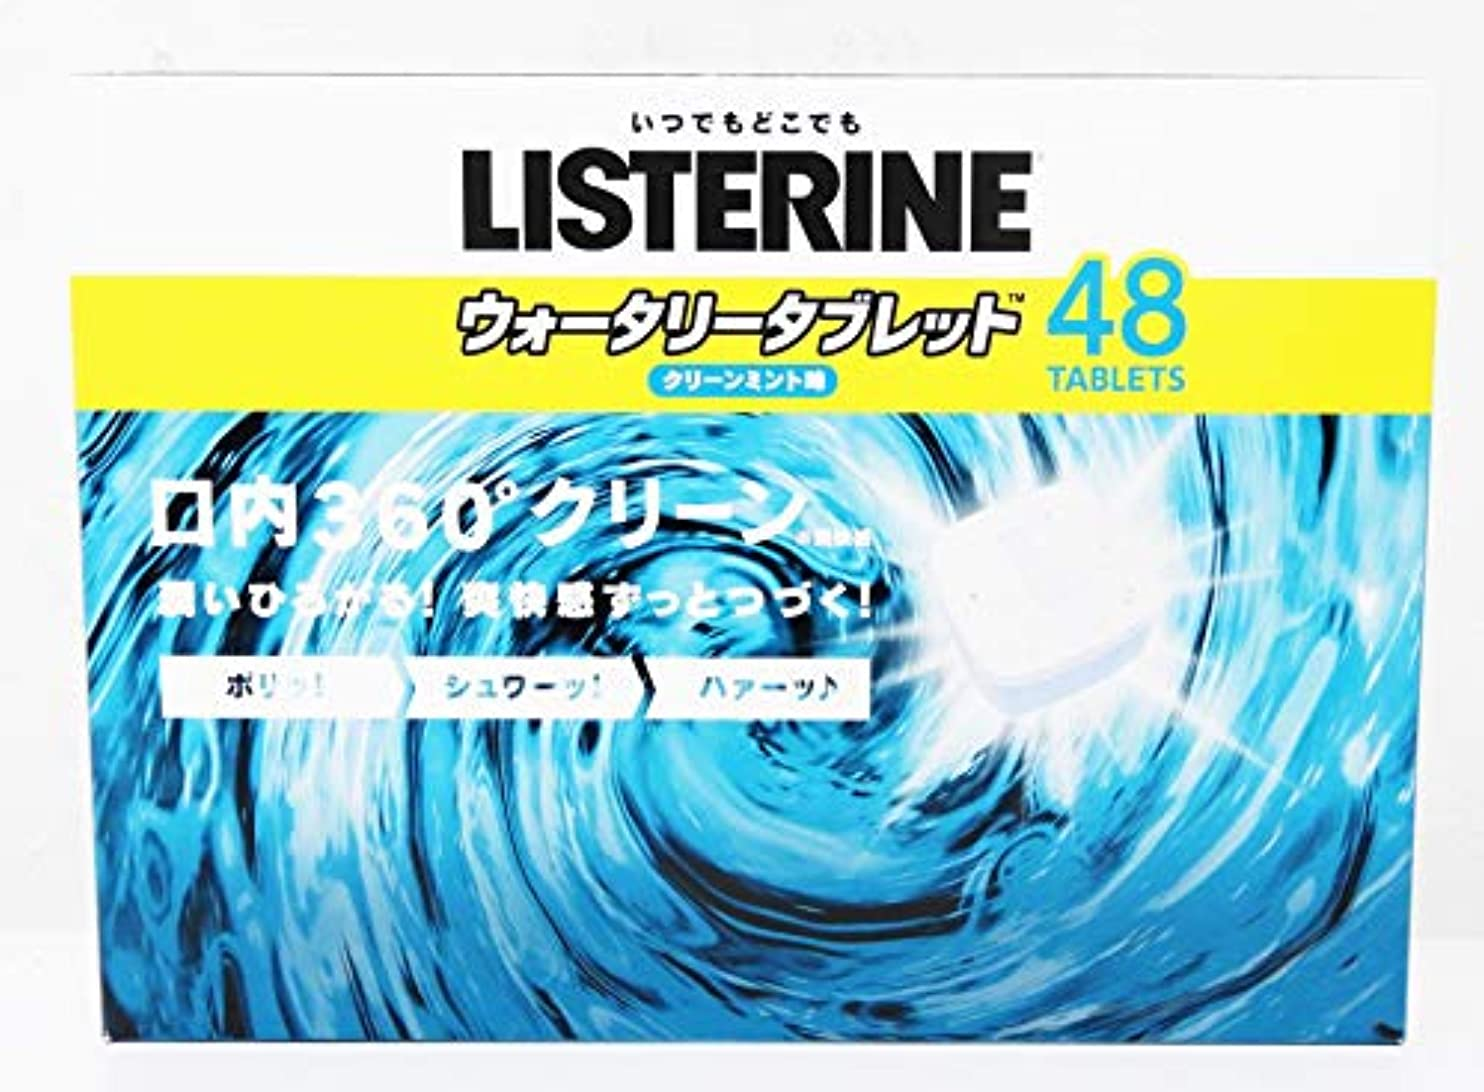 フレッシュロシア風が強いリステリン ウォータリータブレット クリーンミント味 48入